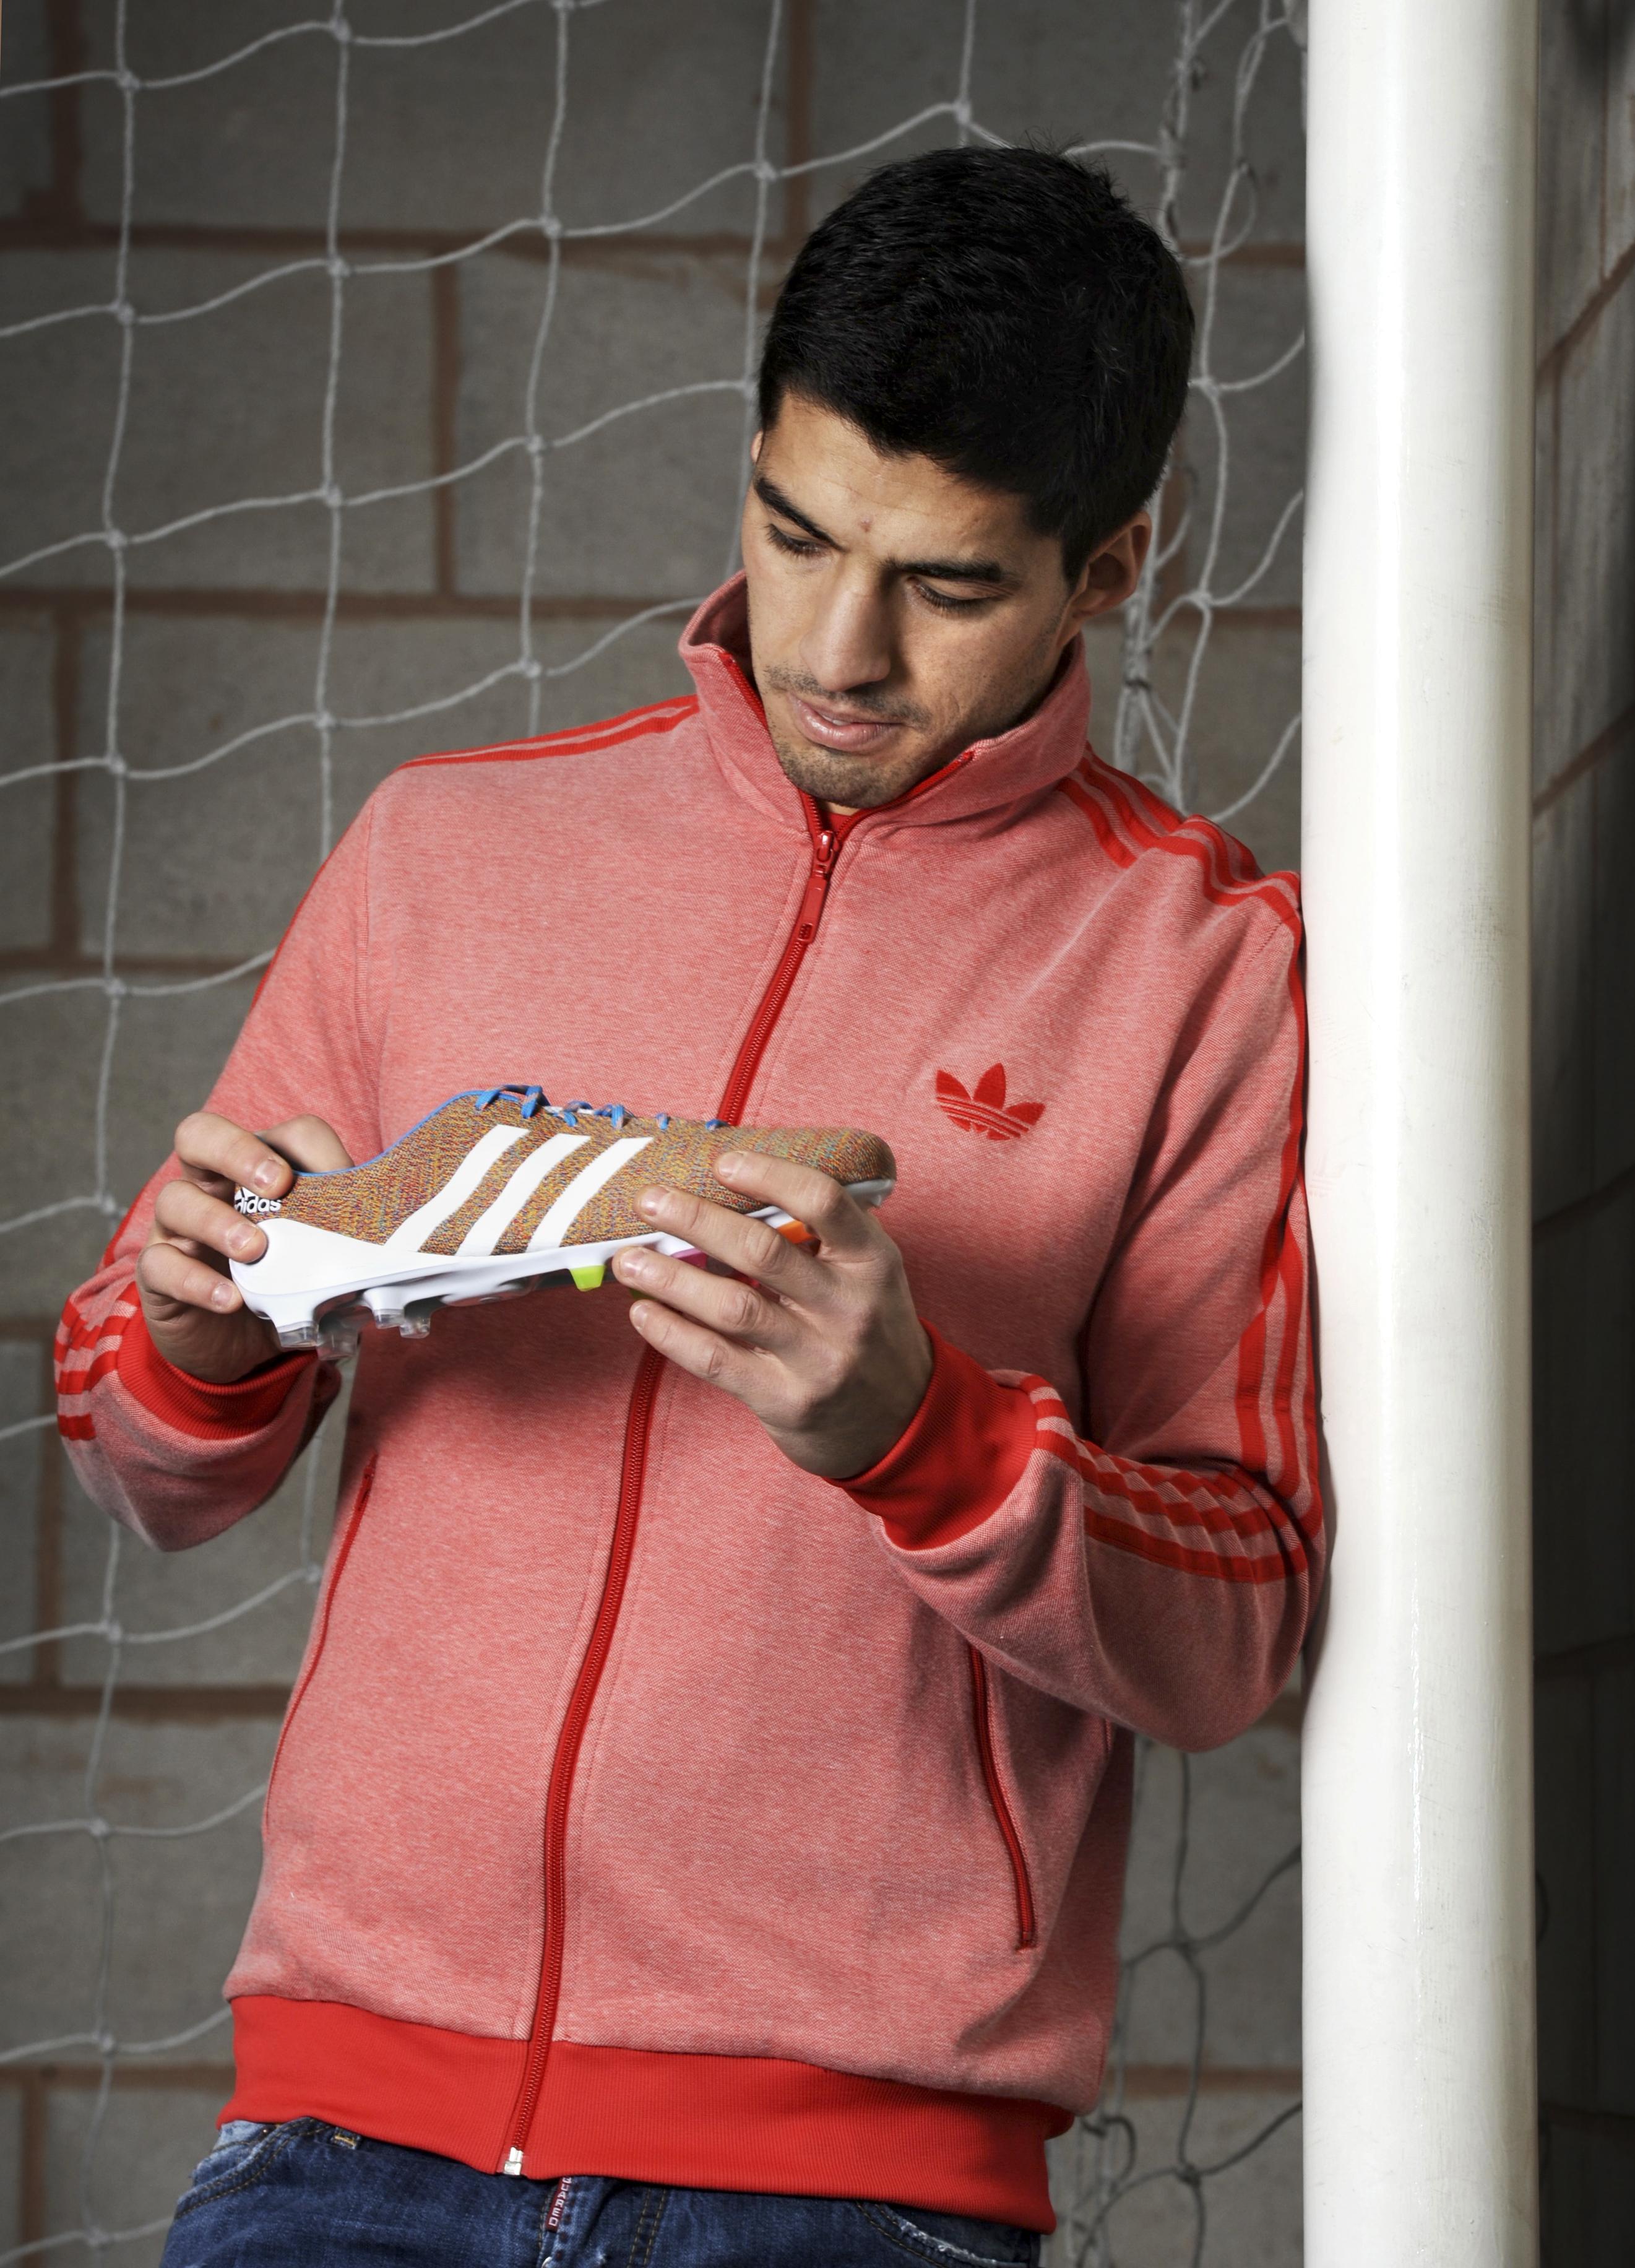 adidas Samba Primeknit - Luis Suarez 2